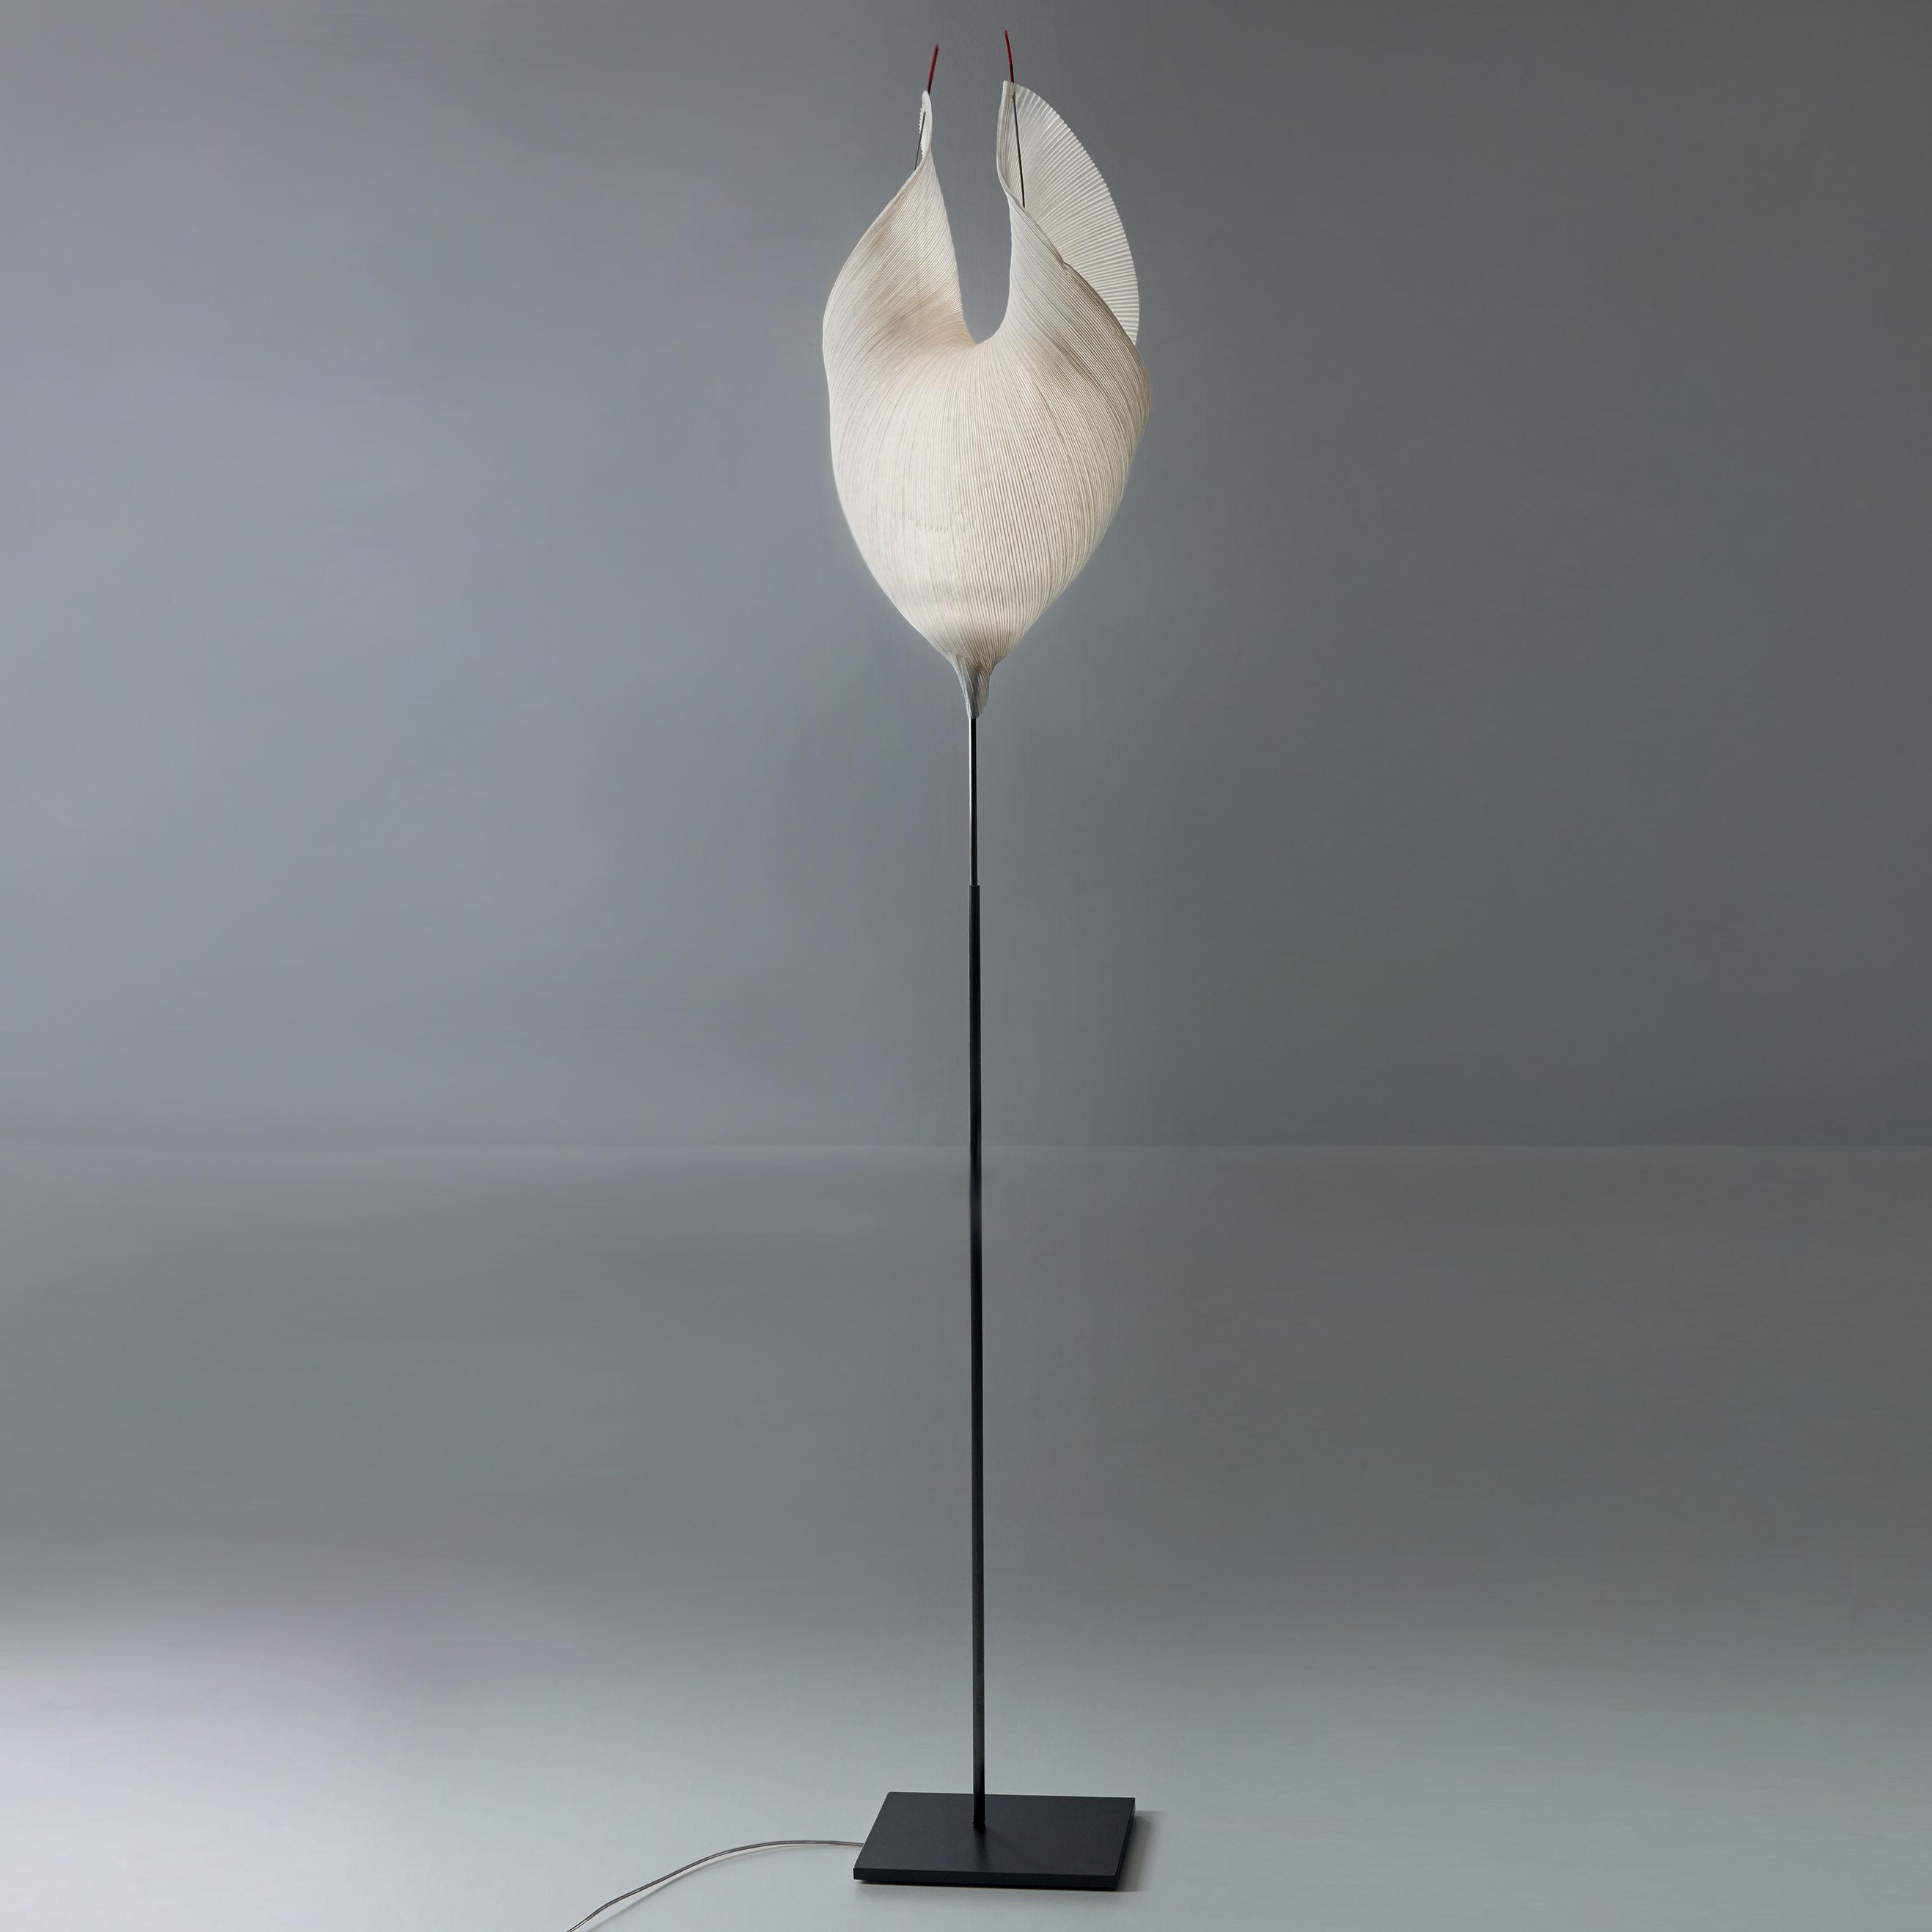 Luminaire - Lampadaires - Lampadaire The MaMo Nouchies LED / Babadul - Ingo Maurer - Beige - Métal laqué, Papier japonais